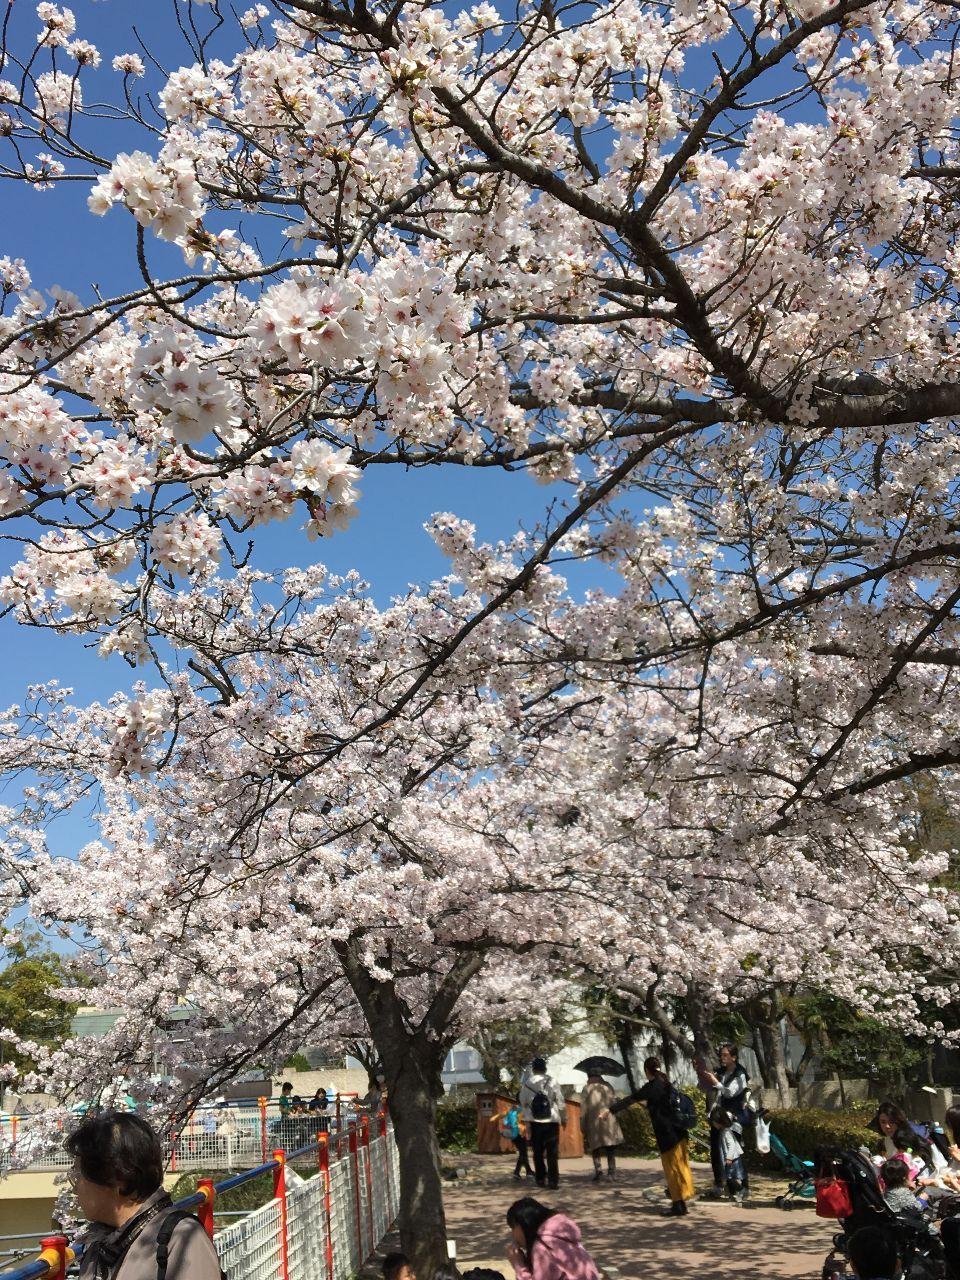 おじさま、お話しましょ。 こんにちは(╹◡╹) すみれちゃんと、動物園の桜を🌸見に行きました。 🌸並木の下のベンチでワンカップ